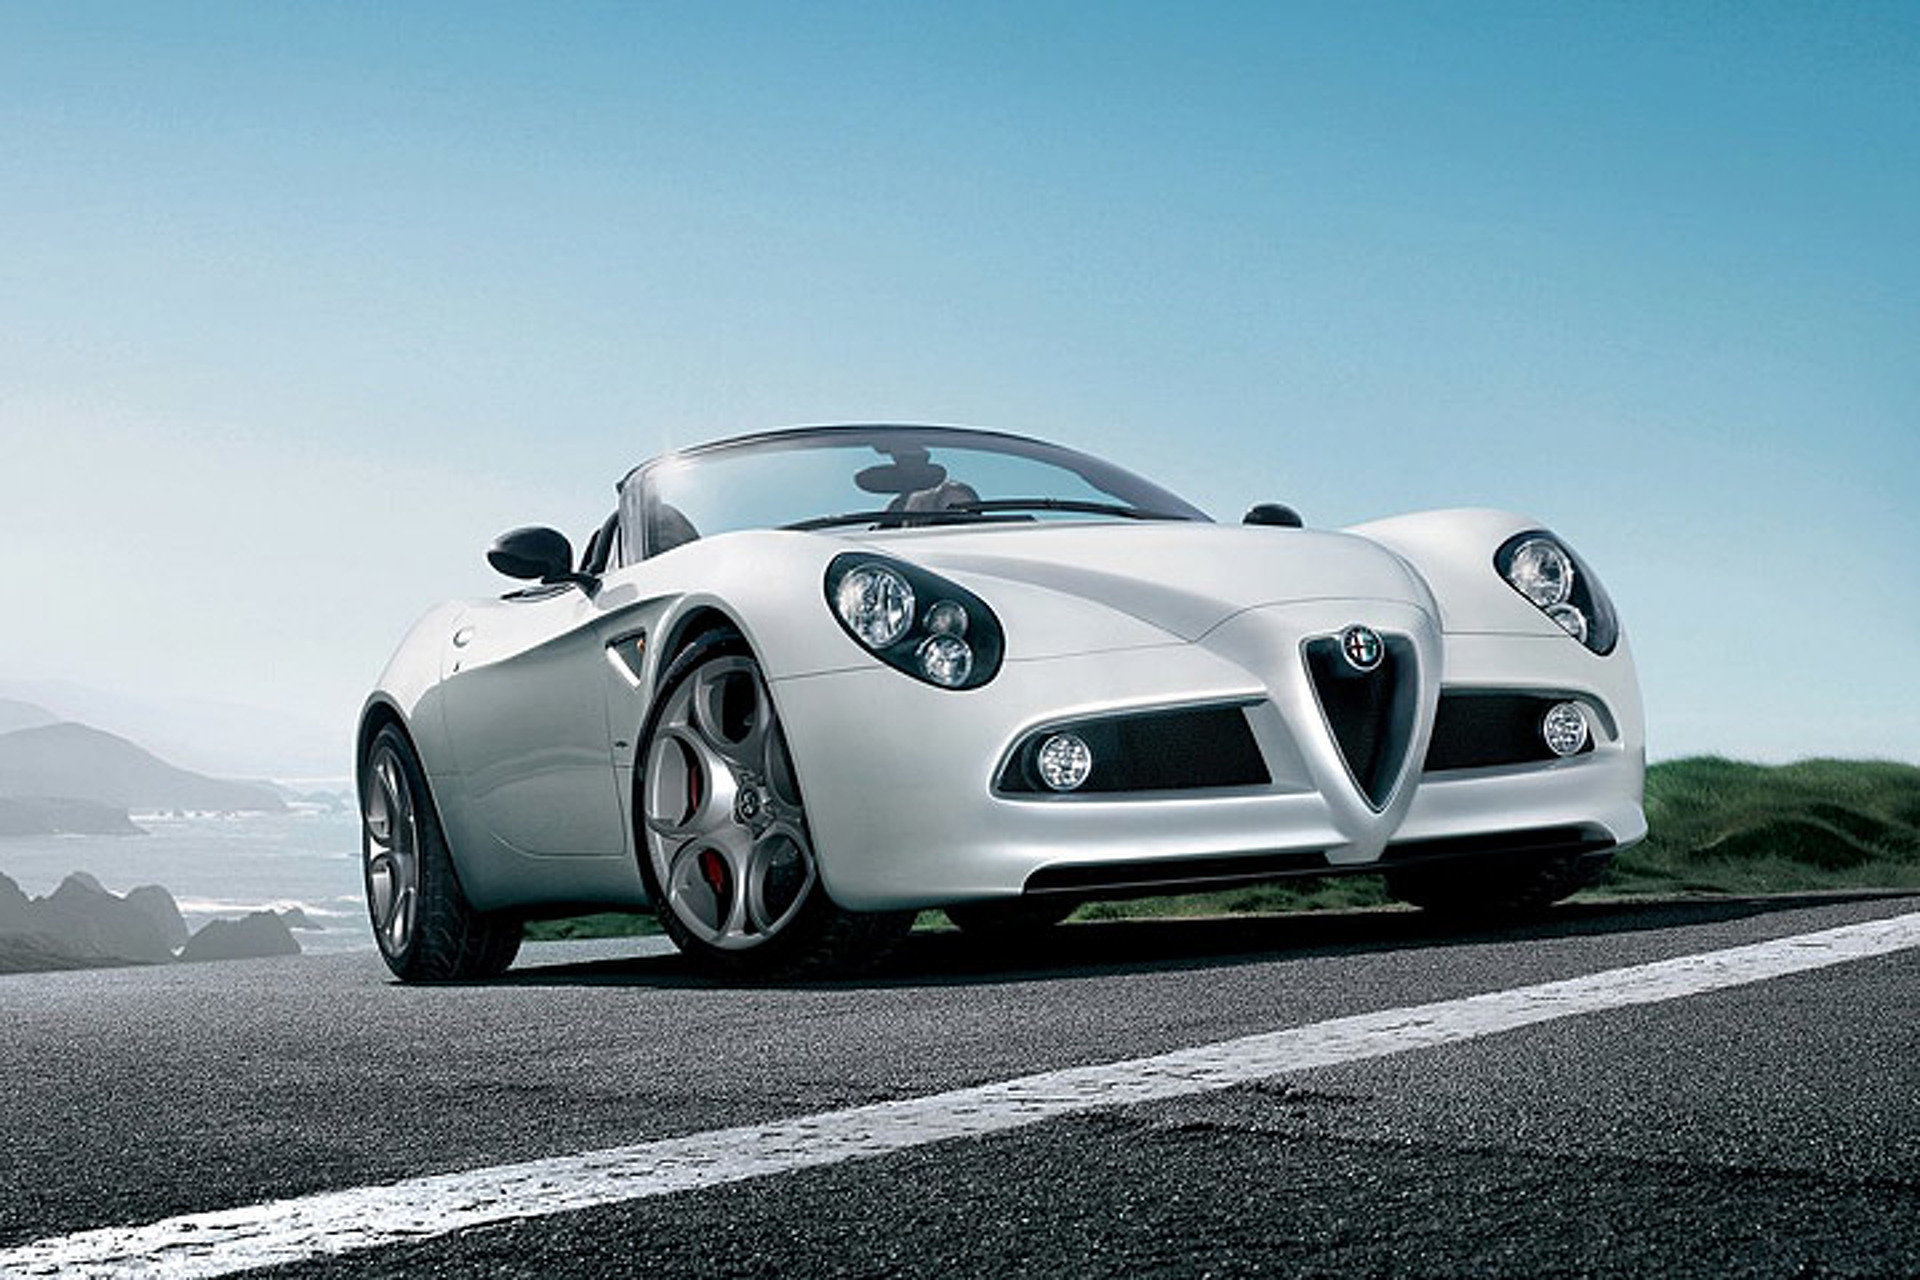 The Alfa Romeo 8C Spider is Future Classic Material